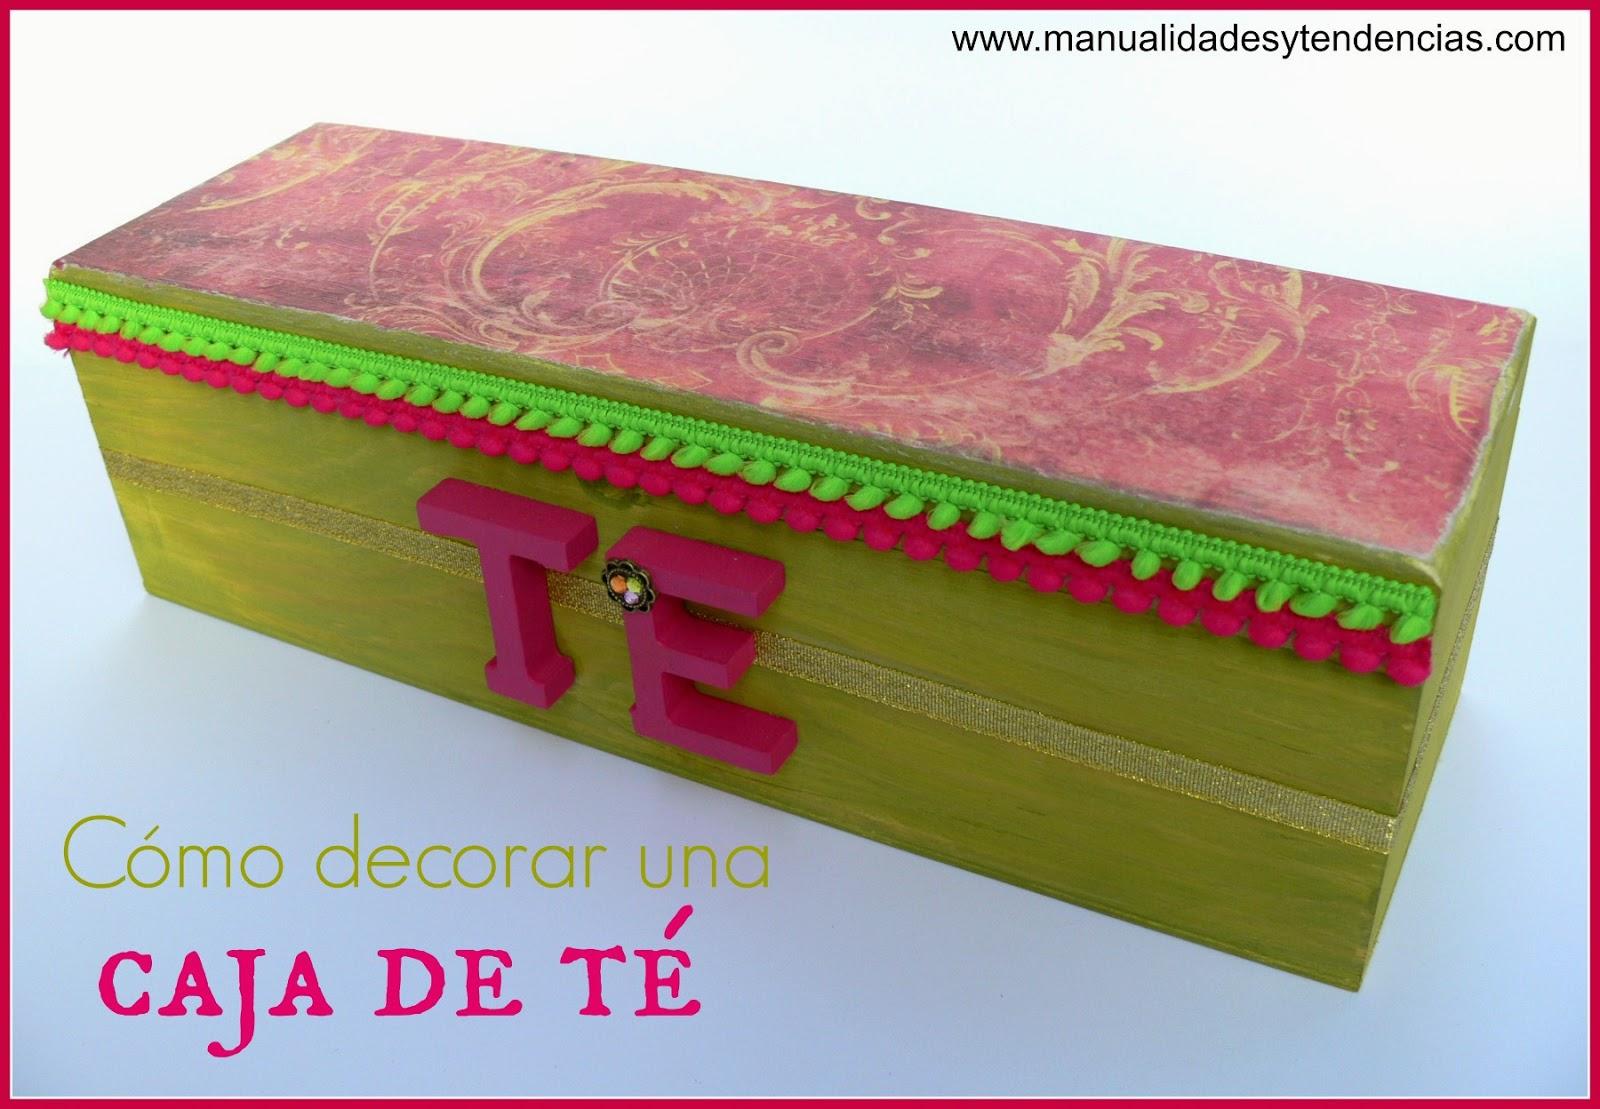 Manualidades y tendencias Cmo decorar una caja de t Decorative